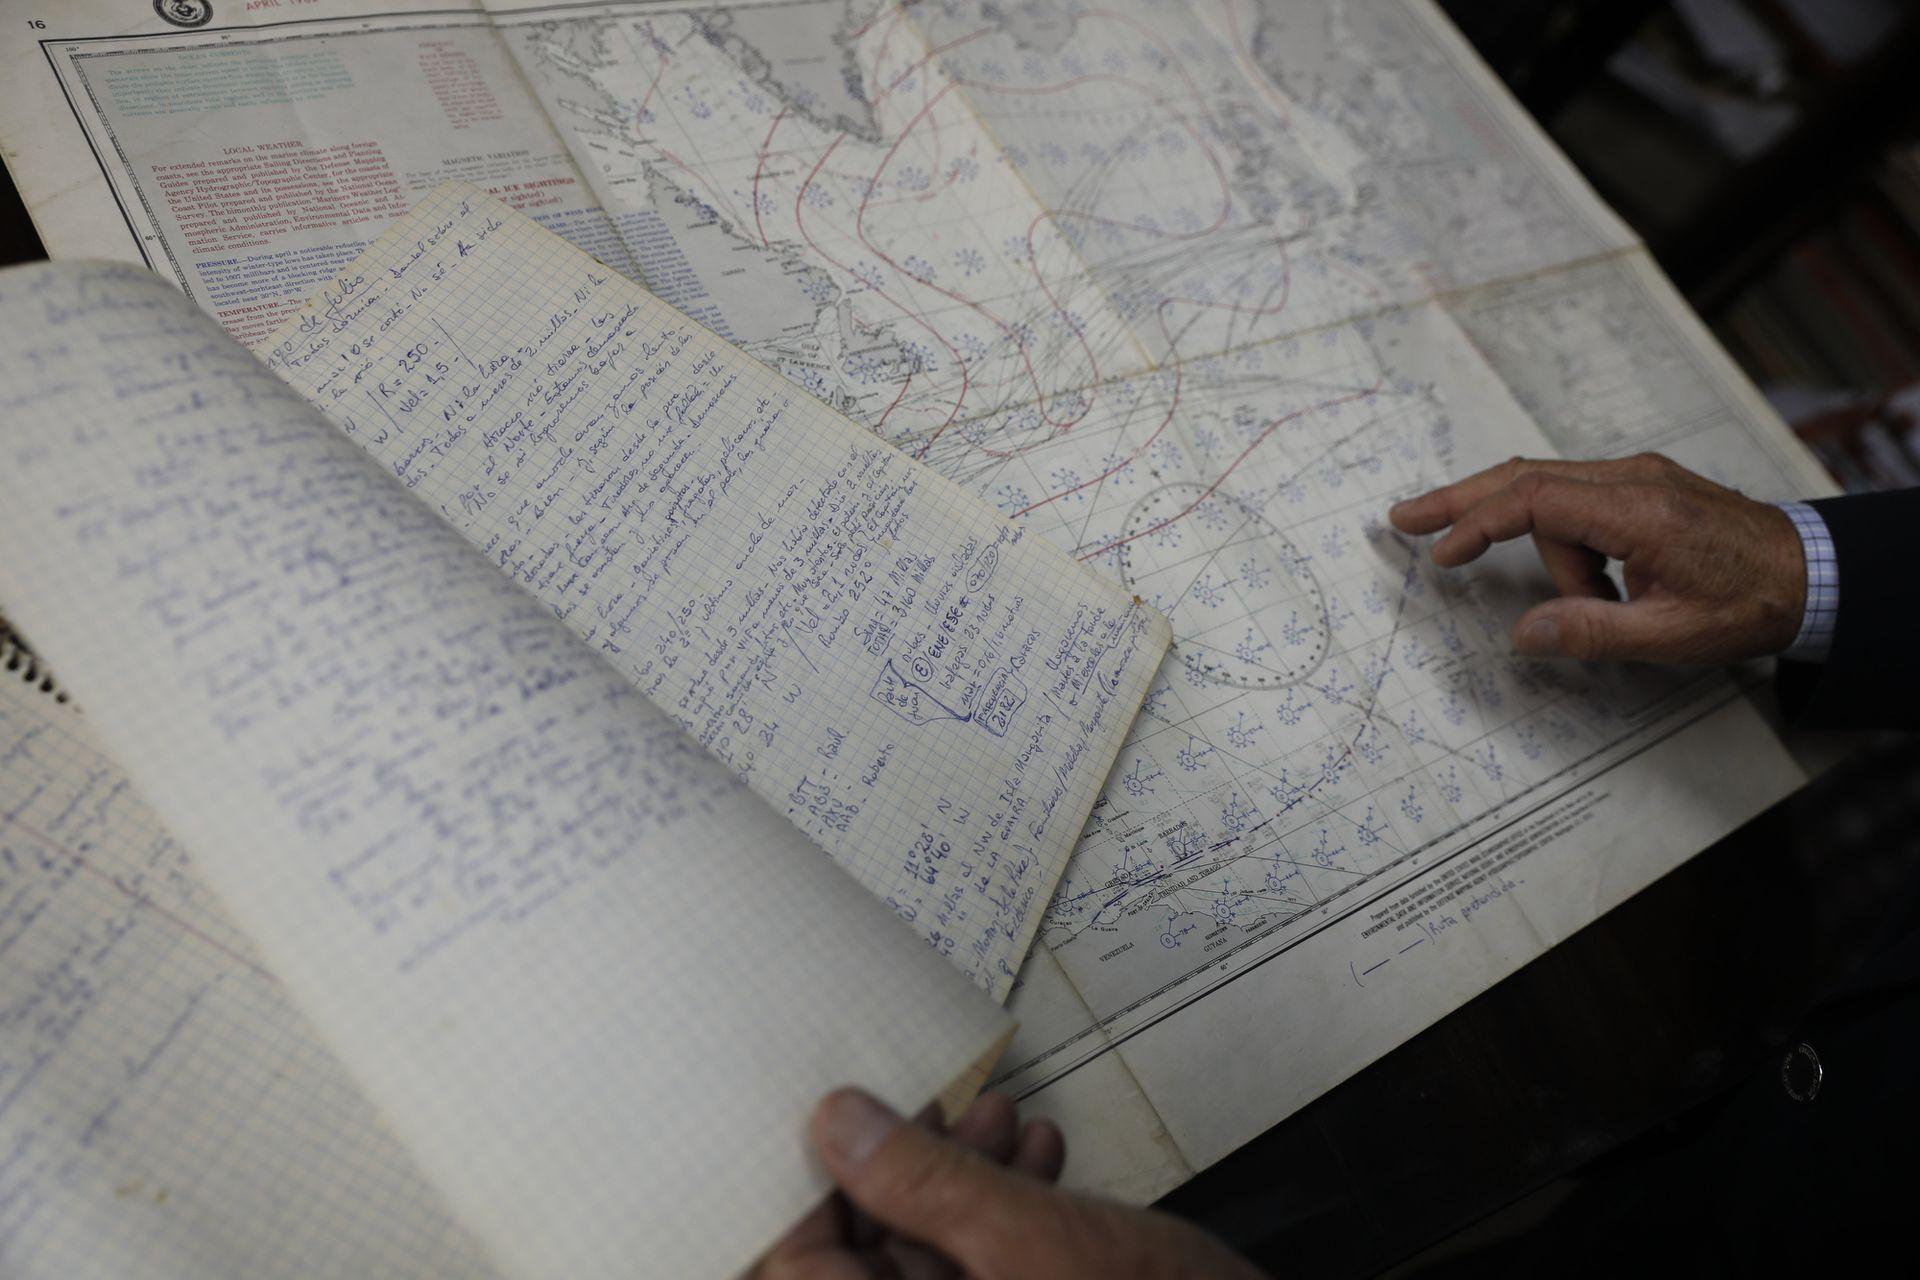 La expedición y la proeza del grupo, dio vuelta el mundo; se filmó una película (la dirigió Barragán) que se tradujo a seis idiomas y fue vista por 1.000.000 de personas